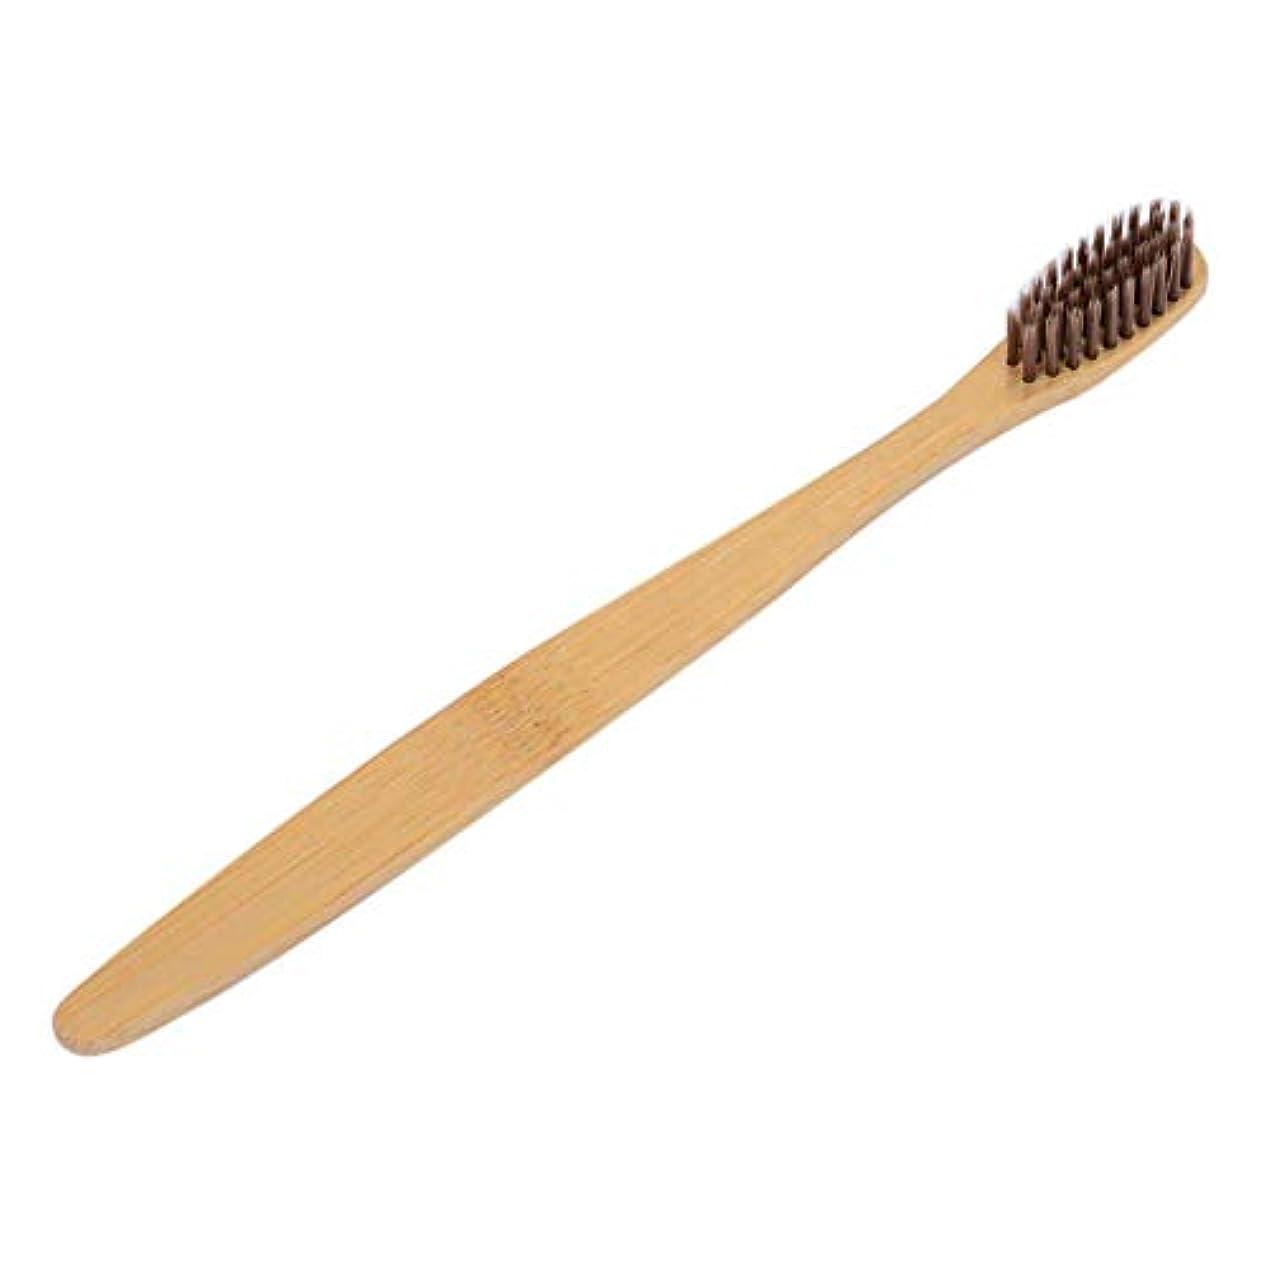 怪物モディッシュステートメント歯ブラシ 木製 5本セット 竹歯ブラシ 自然竹ハンドル & 炭剛毛 環境に優しい 使い捨て ホテル/家庭/出張/旅行など適用 hjuns-Wu